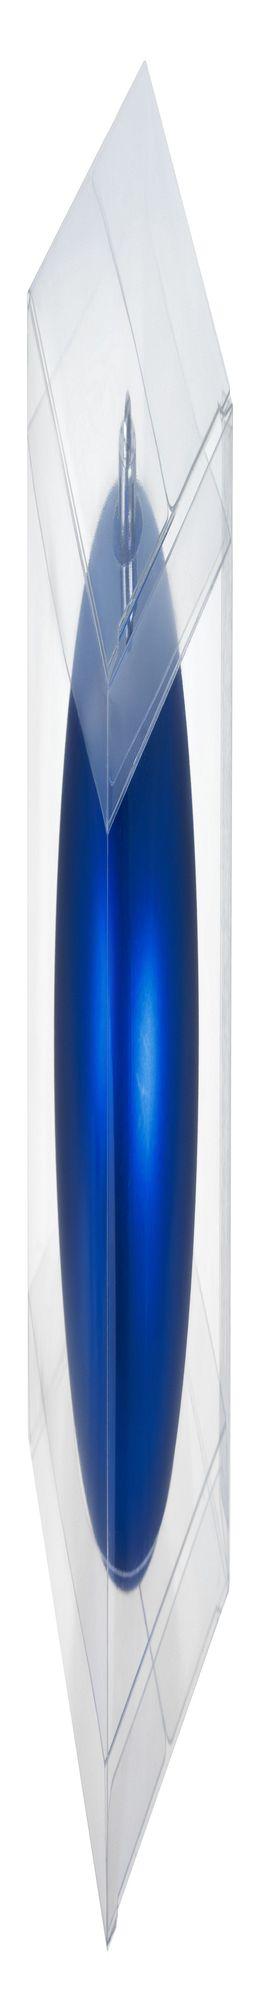 Прозрачная коробка для пластиковых шаров 10 см фото